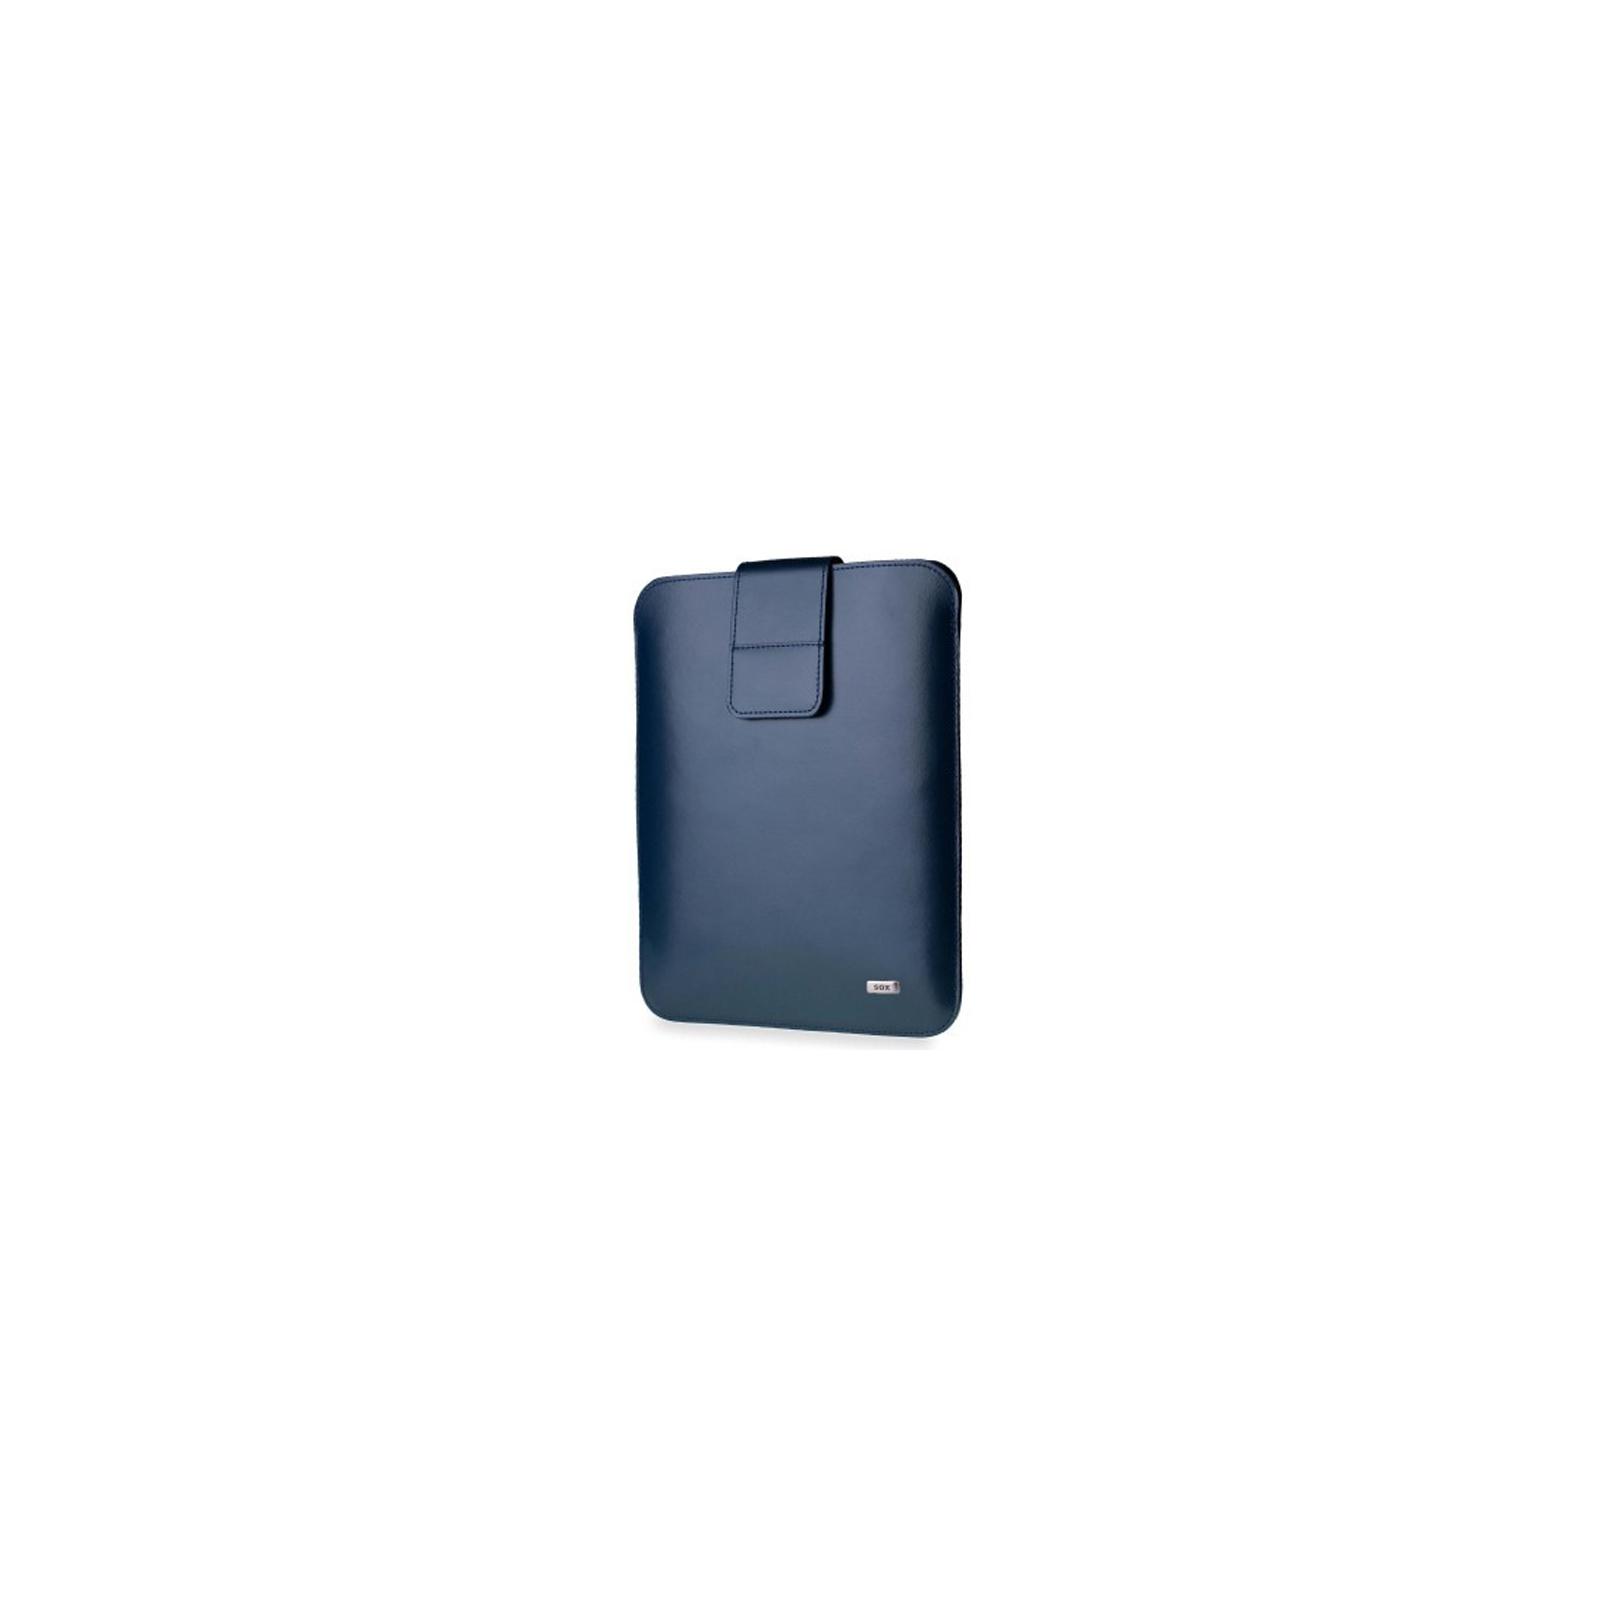 Чехол для планшета LCCL 03 GX9 Sox